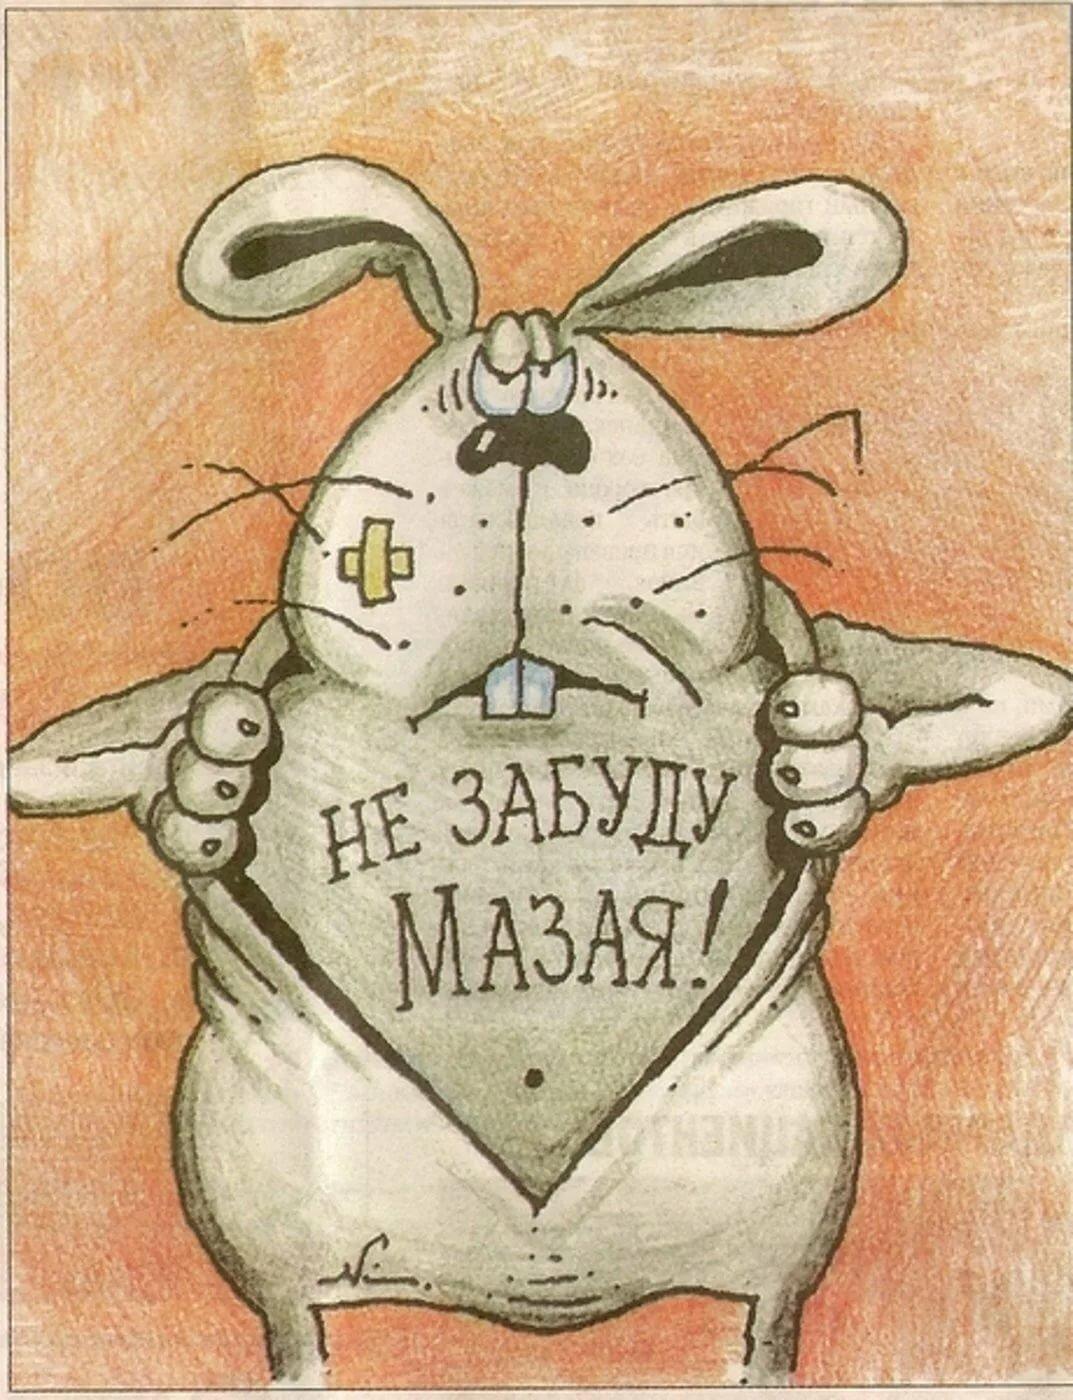 рисунок зайца смешной фразы для использования